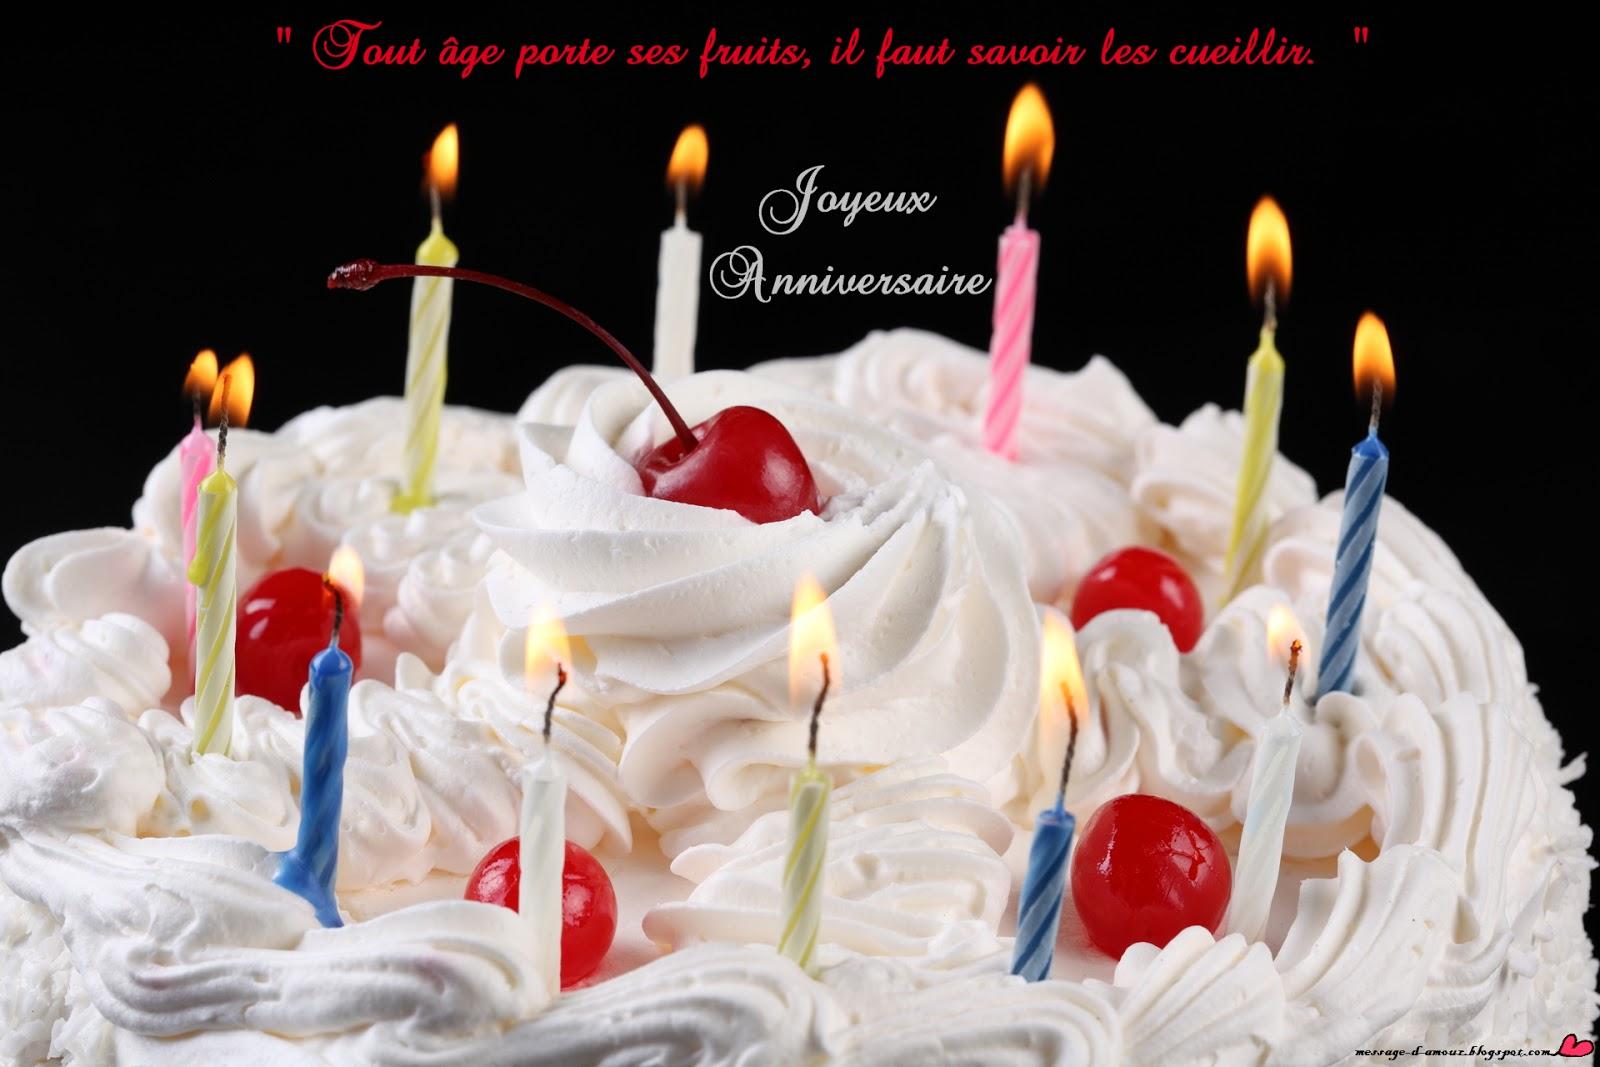 Favori Joyeux anniversaire message - Message d'amour FO39